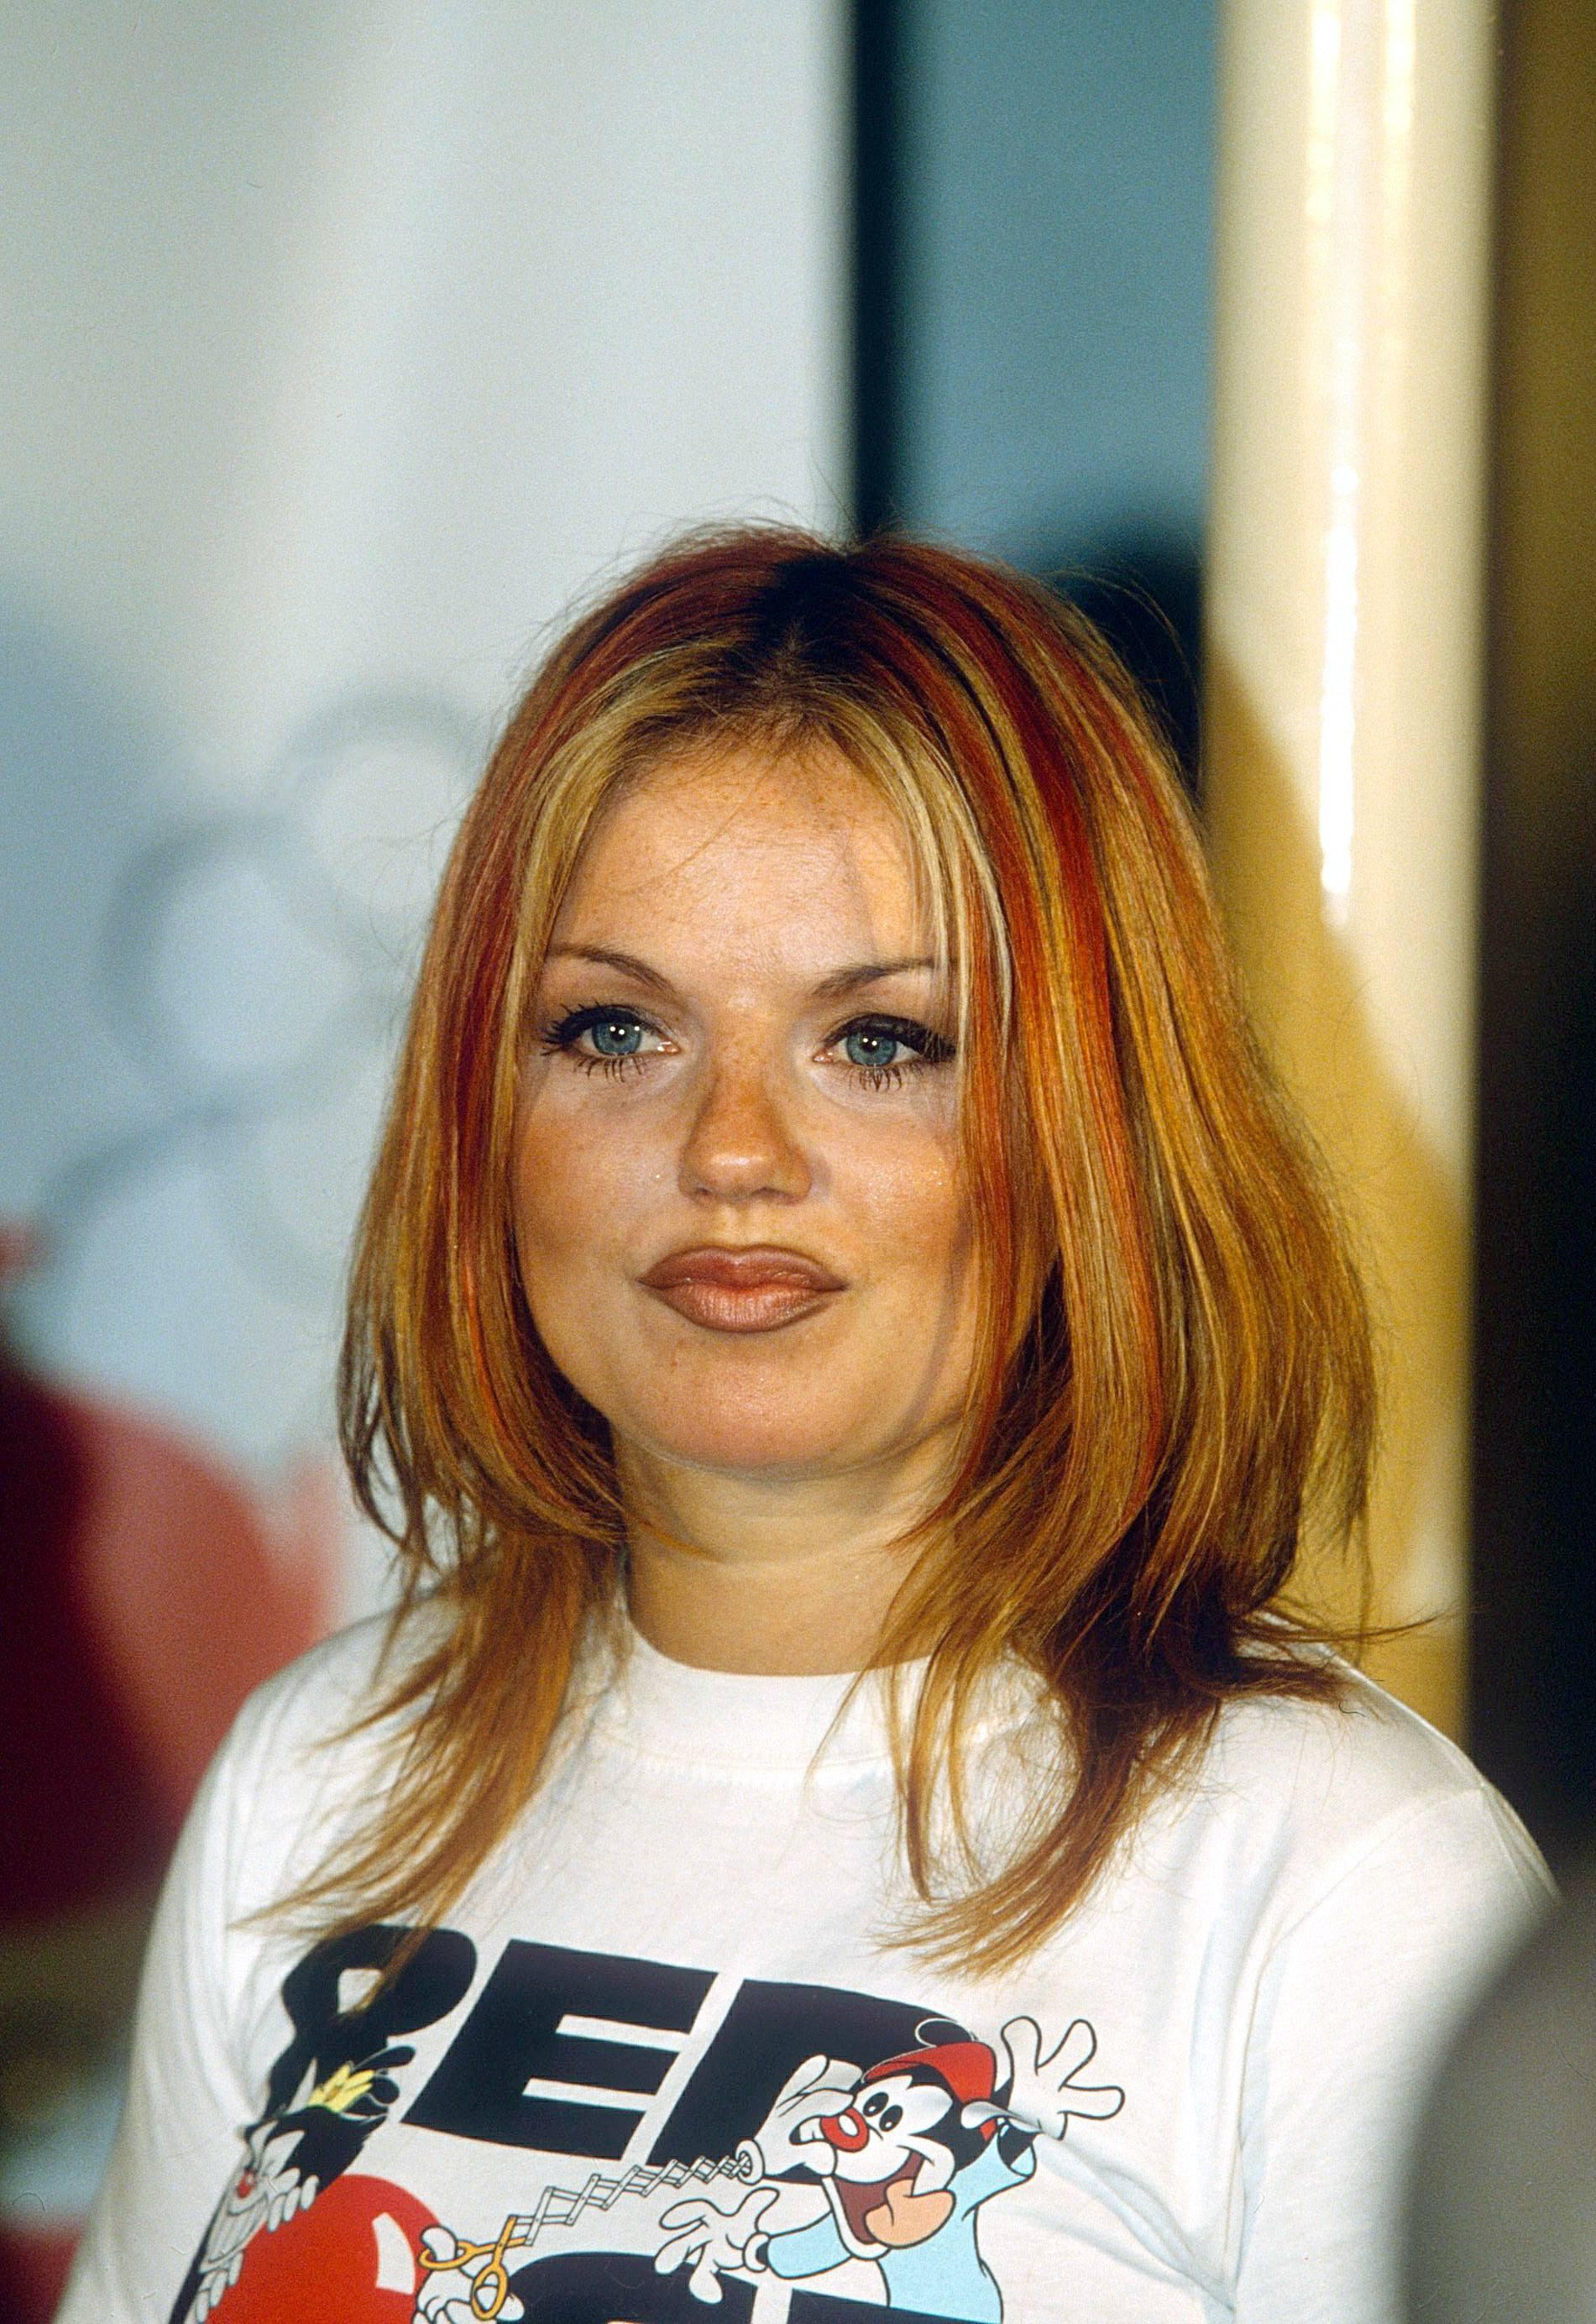 Les rousses célèbres : Geri Halliwell avec des cheveux droits, mi-longs et lisses, à reflets blonds, portant un t-shirt blanc.